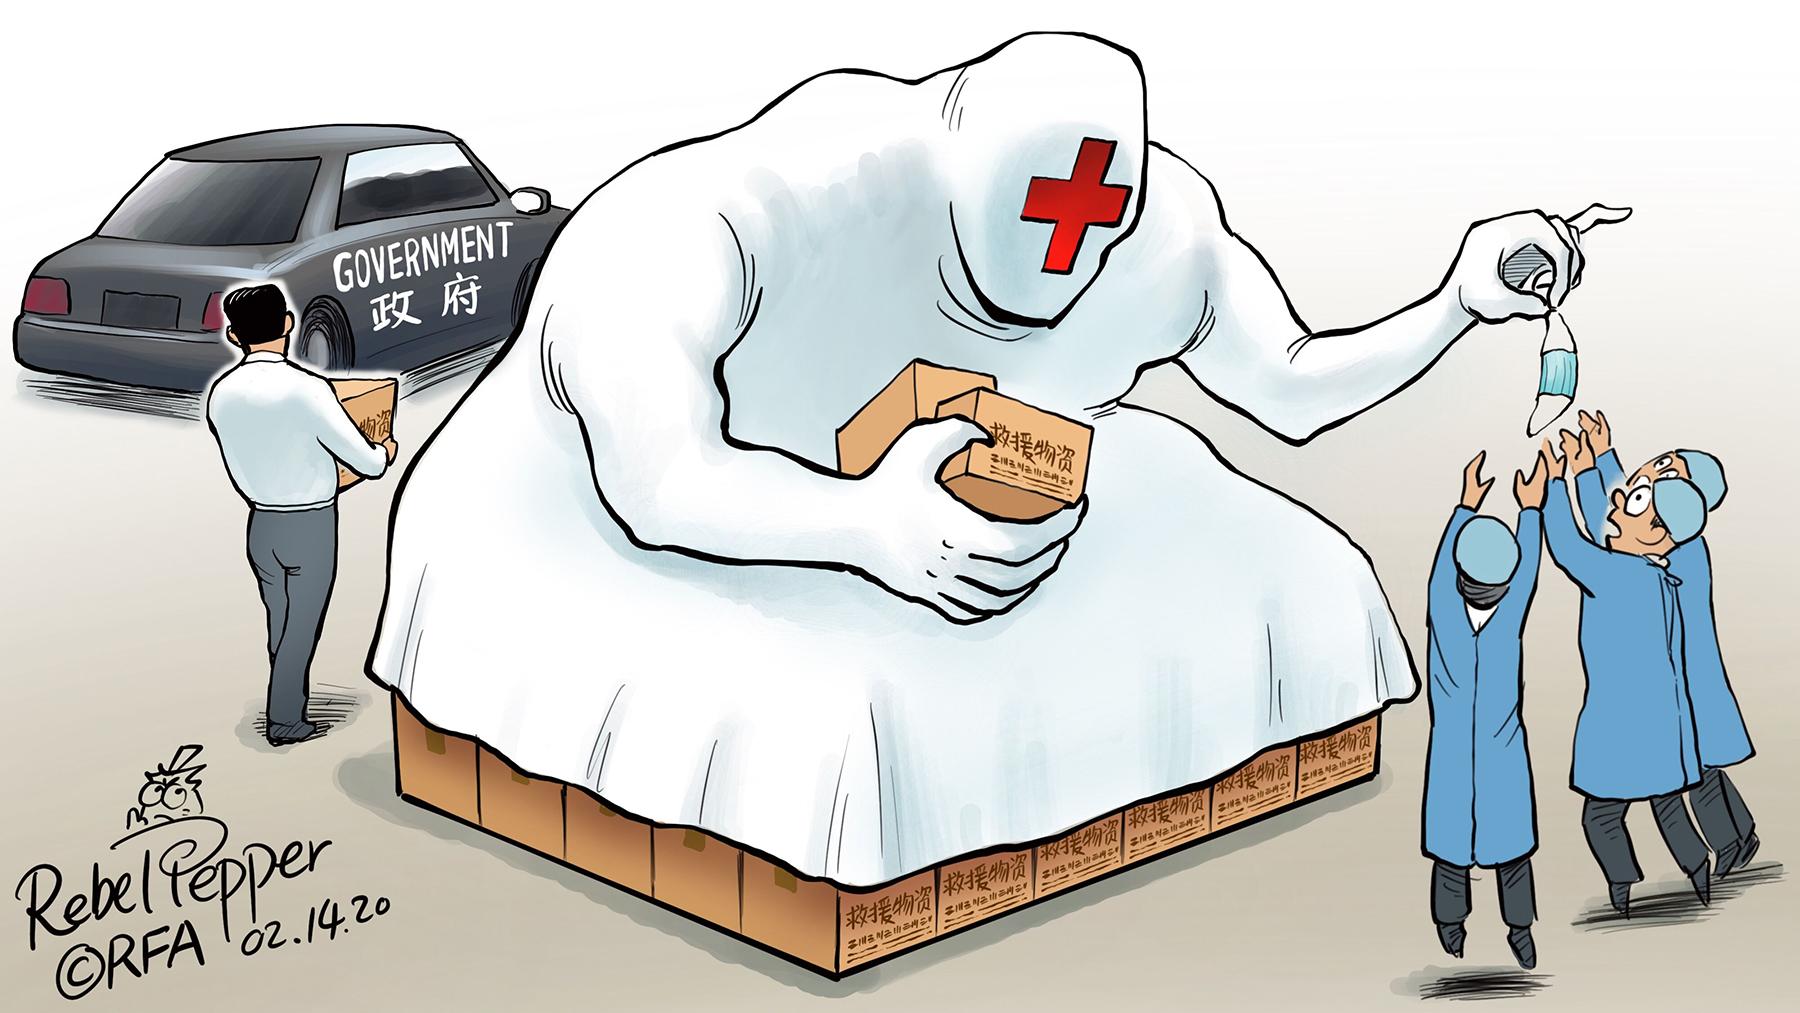 红十字会发放救援物资不力,遭到舆论批评。(变态辣椒)